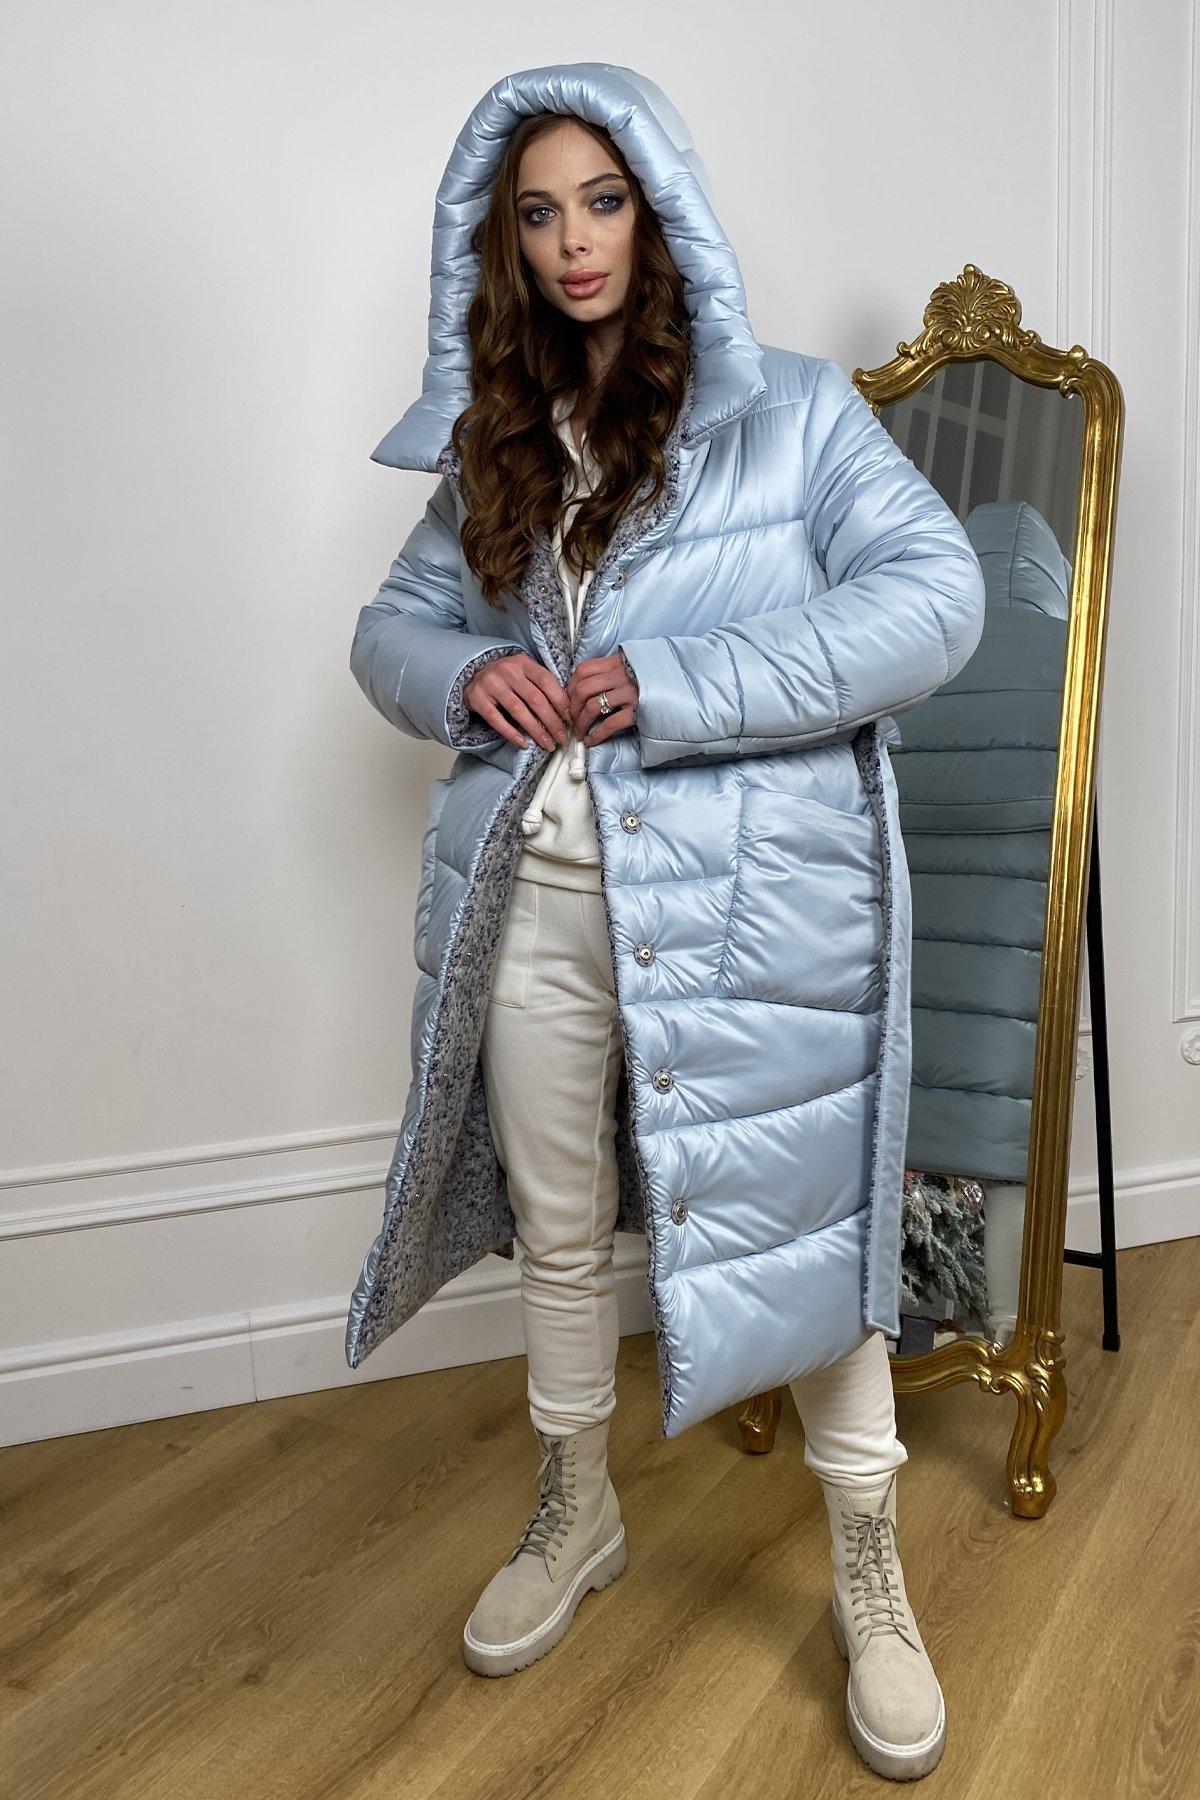 Бристоль плащевка стеганое пальто зима 10099 АРТ. 46407 Цвет: голубой/серый/голубой - фото 4, интернет магазин tm-modus.ru